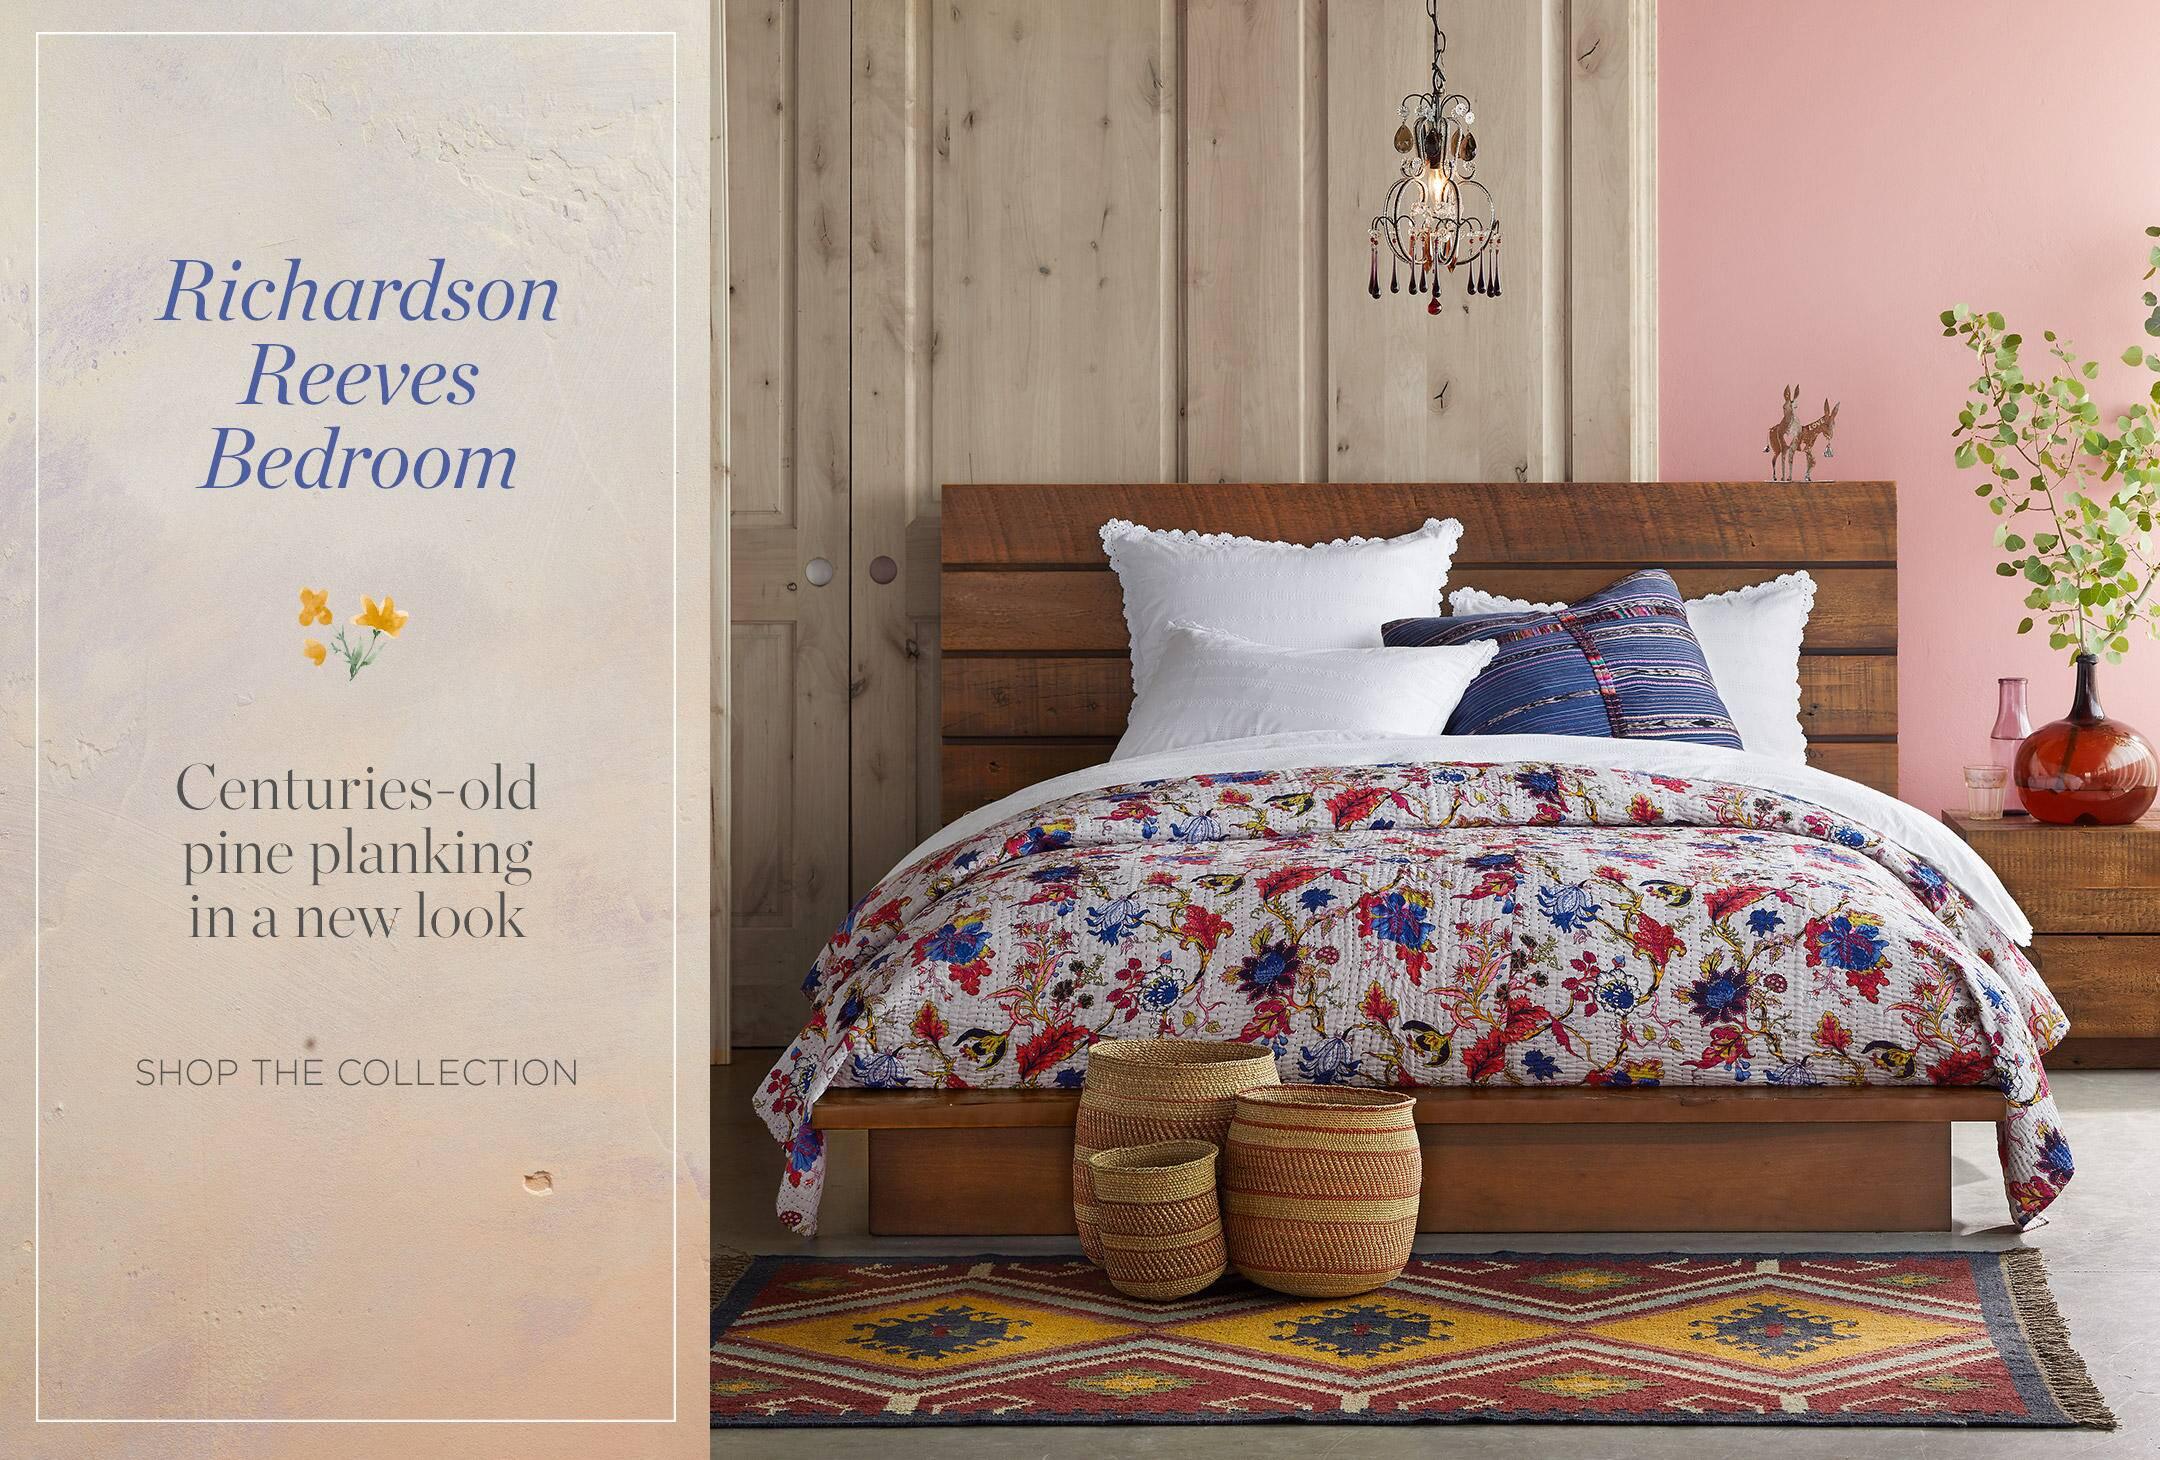 Richardson Reeves Bedroom